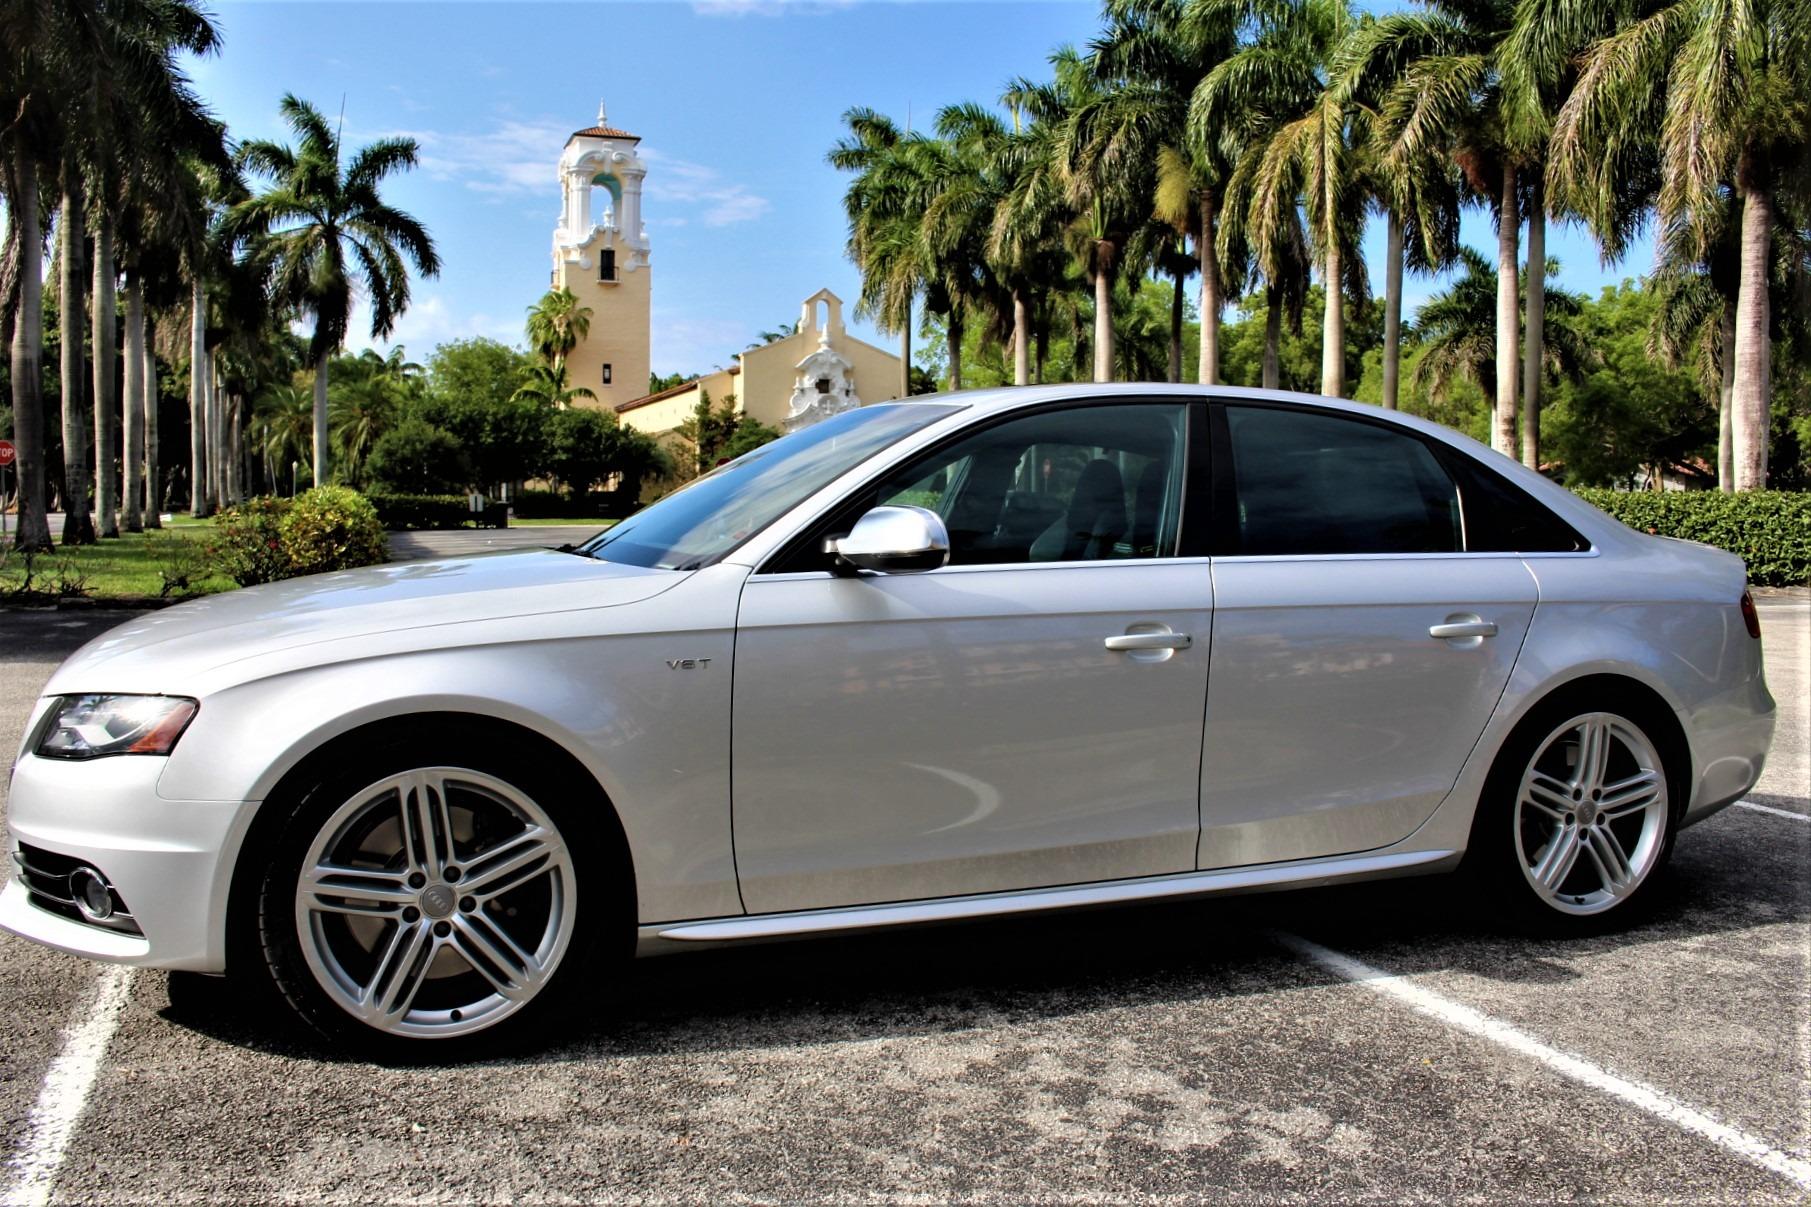 Used 2012 Audi S4 3.0T quattro Prestige for sale $29,850 at The Gables Sports Cars in Miami FL 33146 3